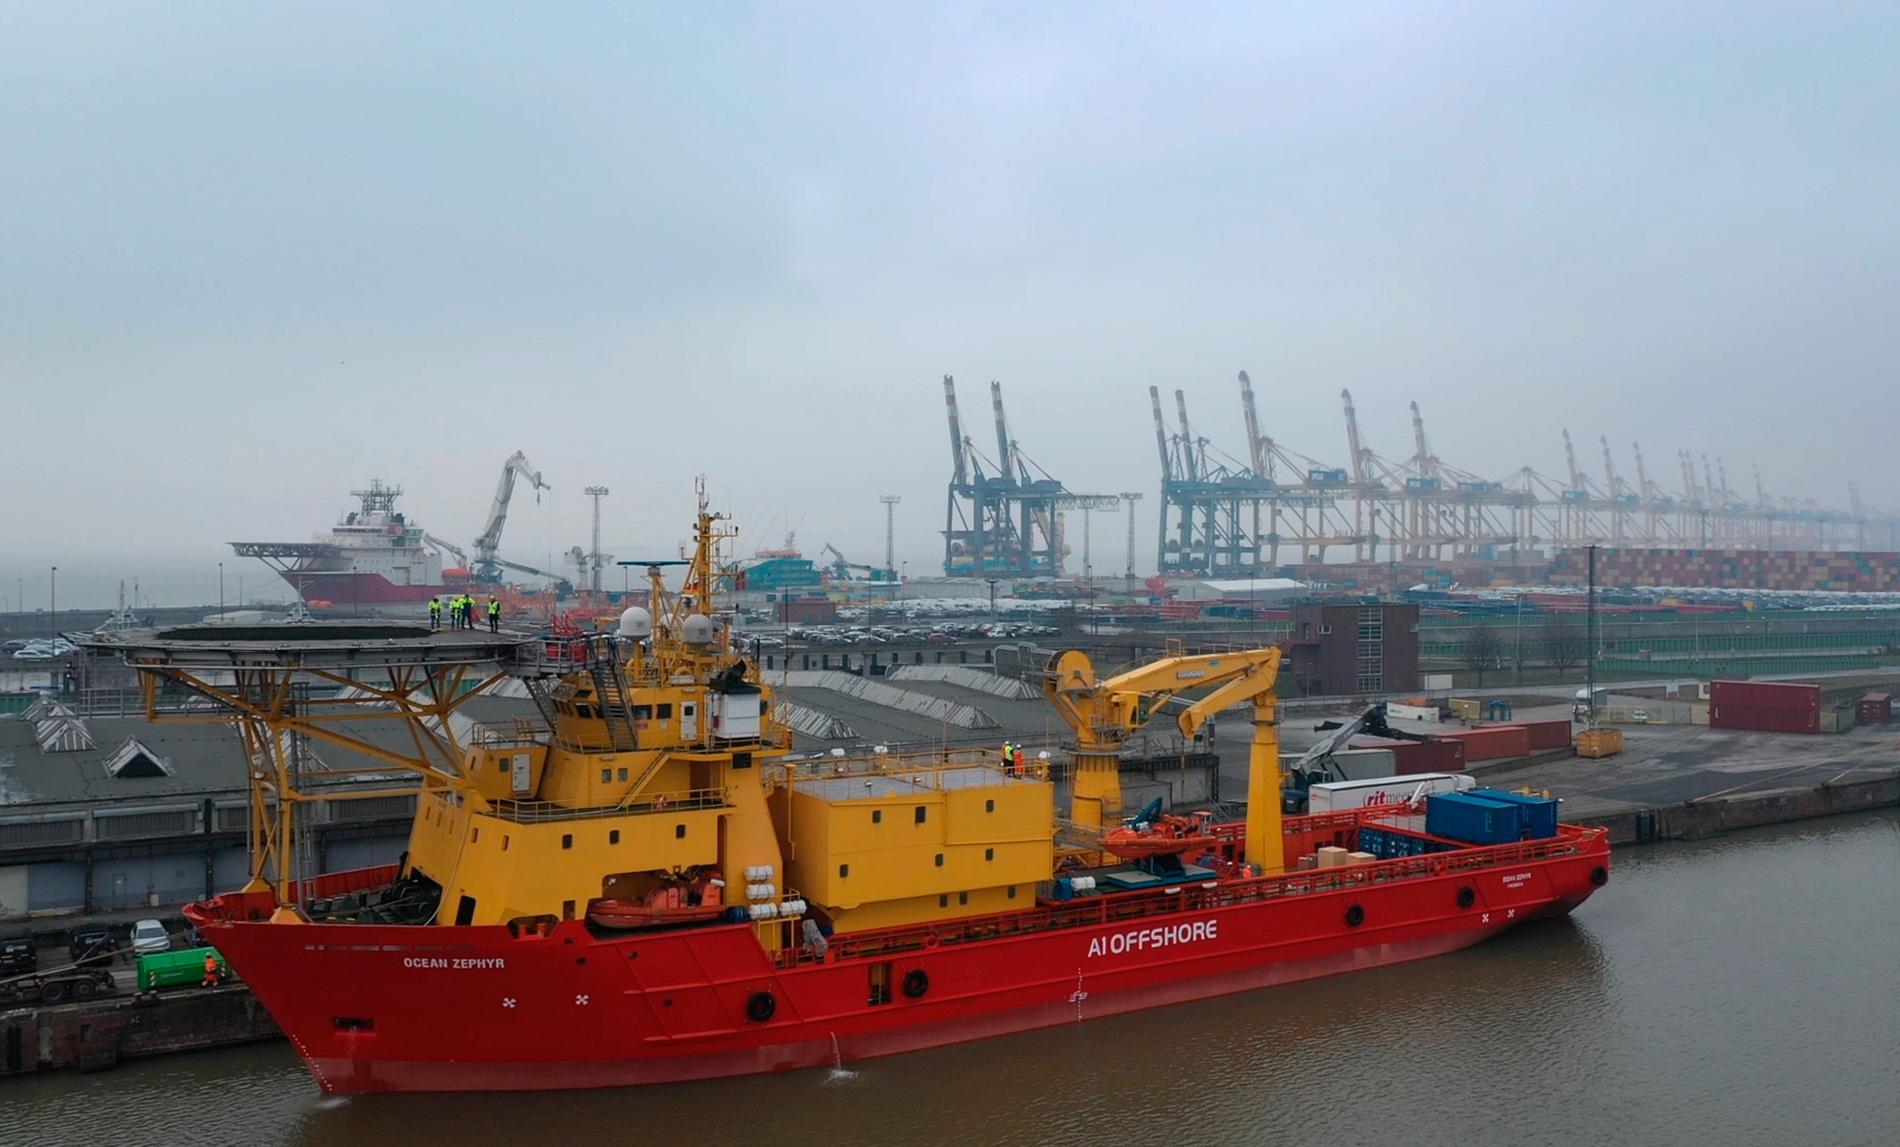 Fartyget Ocean Zephyr kommer att husera omkring 50 forskare, ingenjörer och tekniker under projektet.